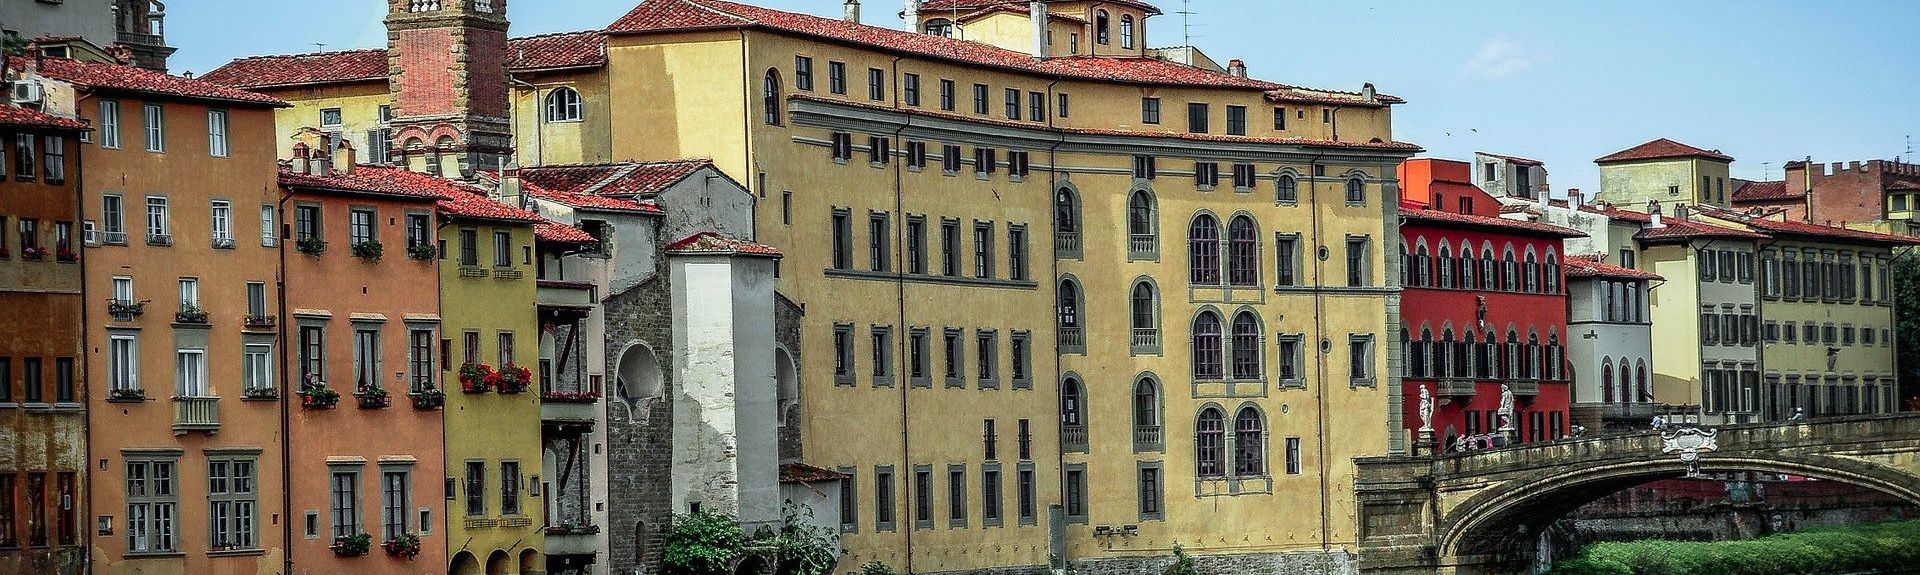 Montespertoli, Toscana, Italy